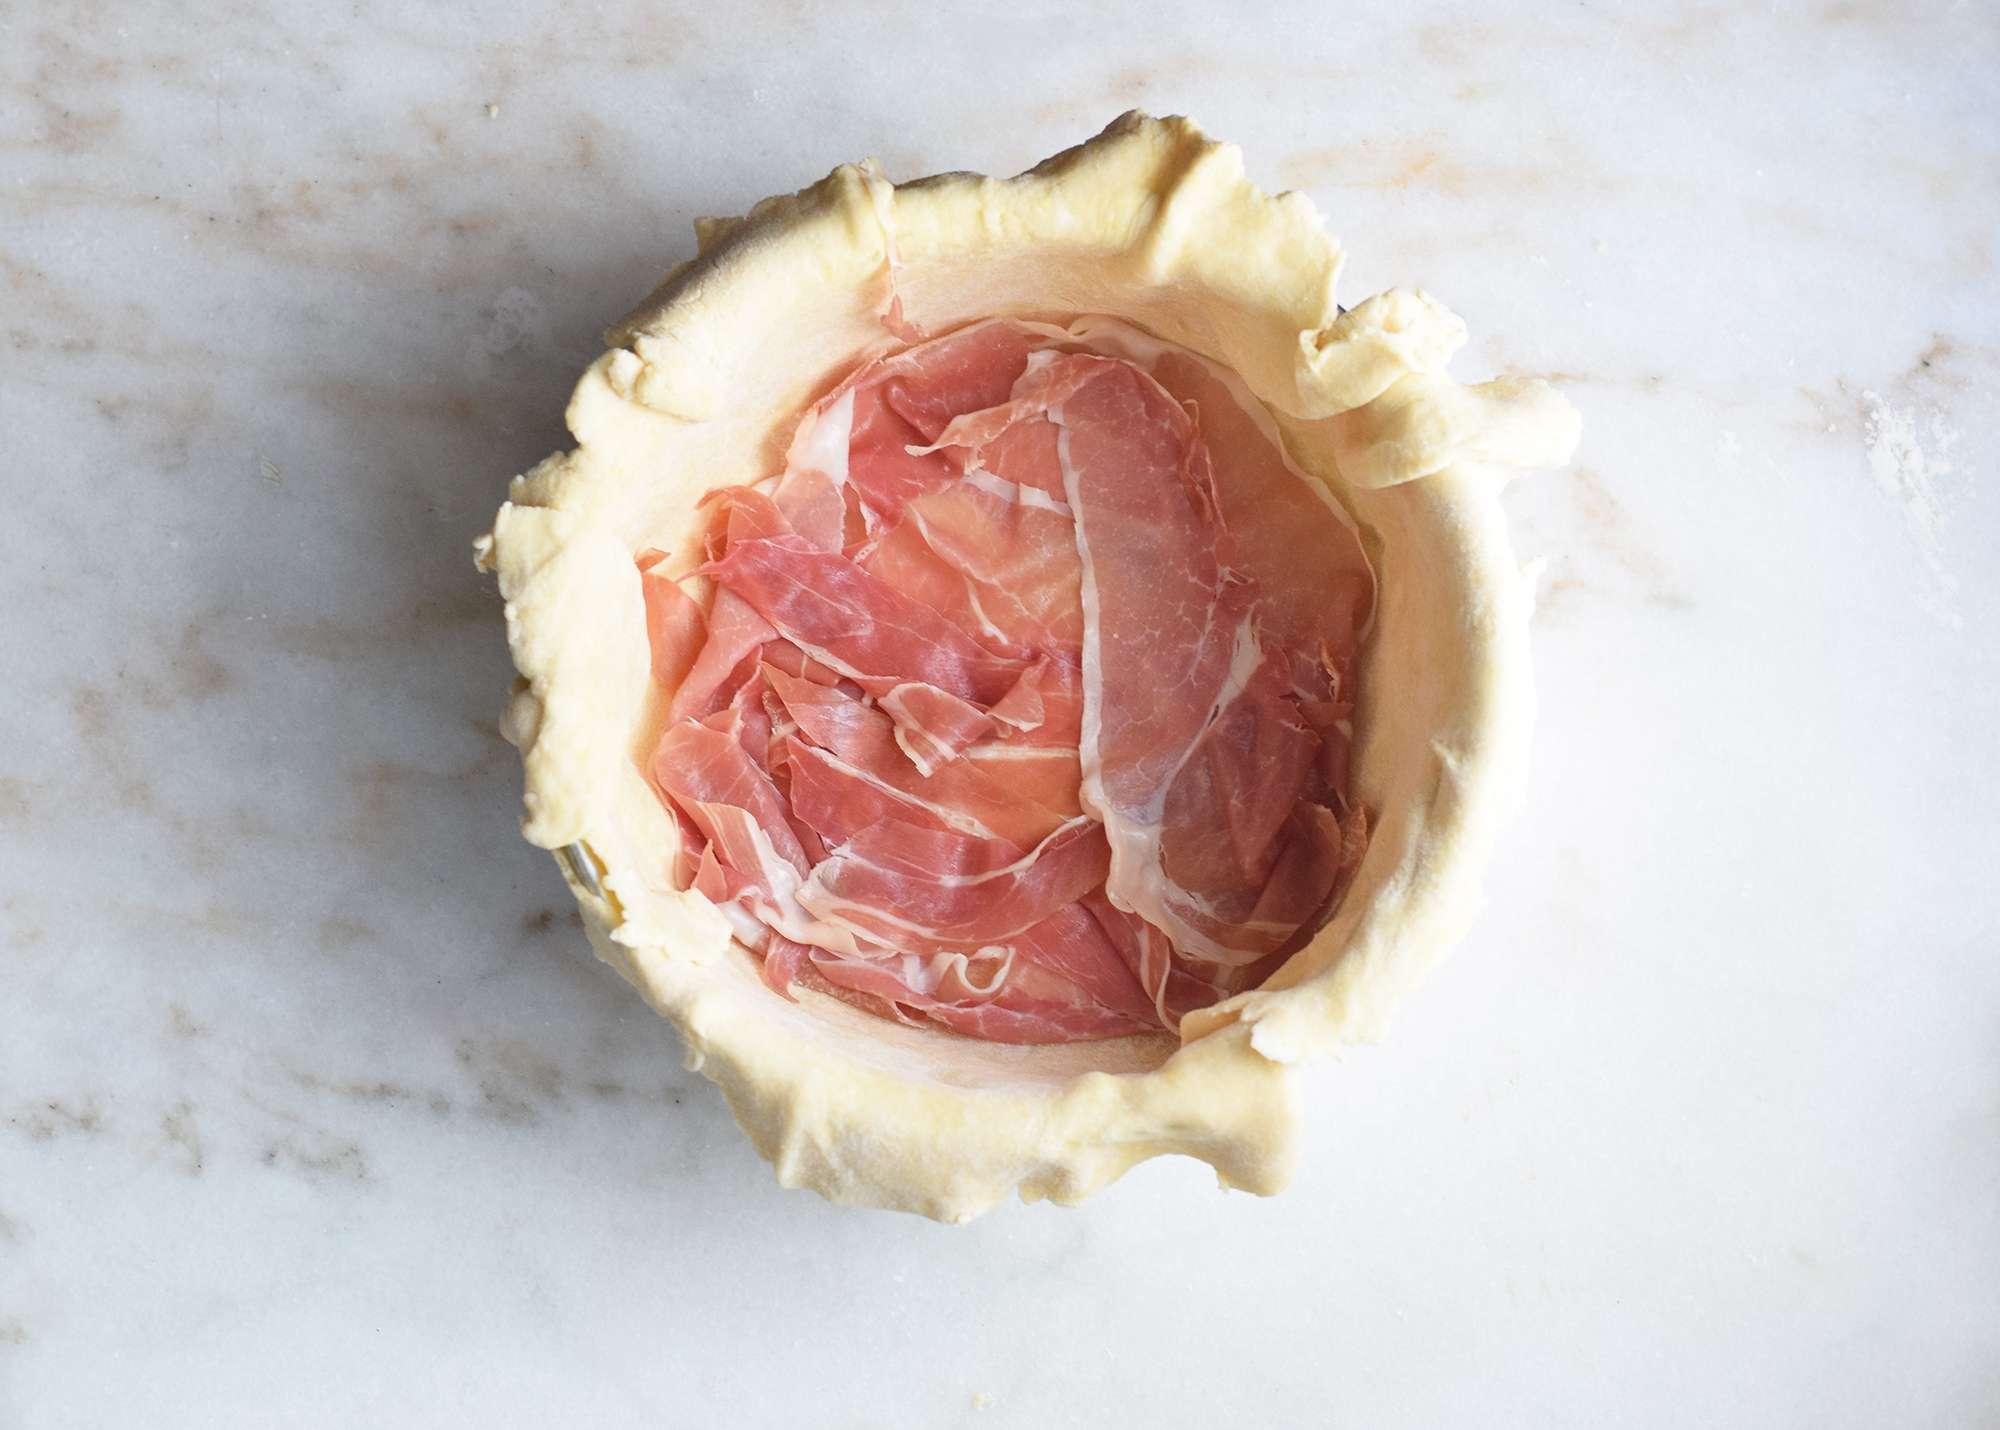 prosciutto laid into a pie crust